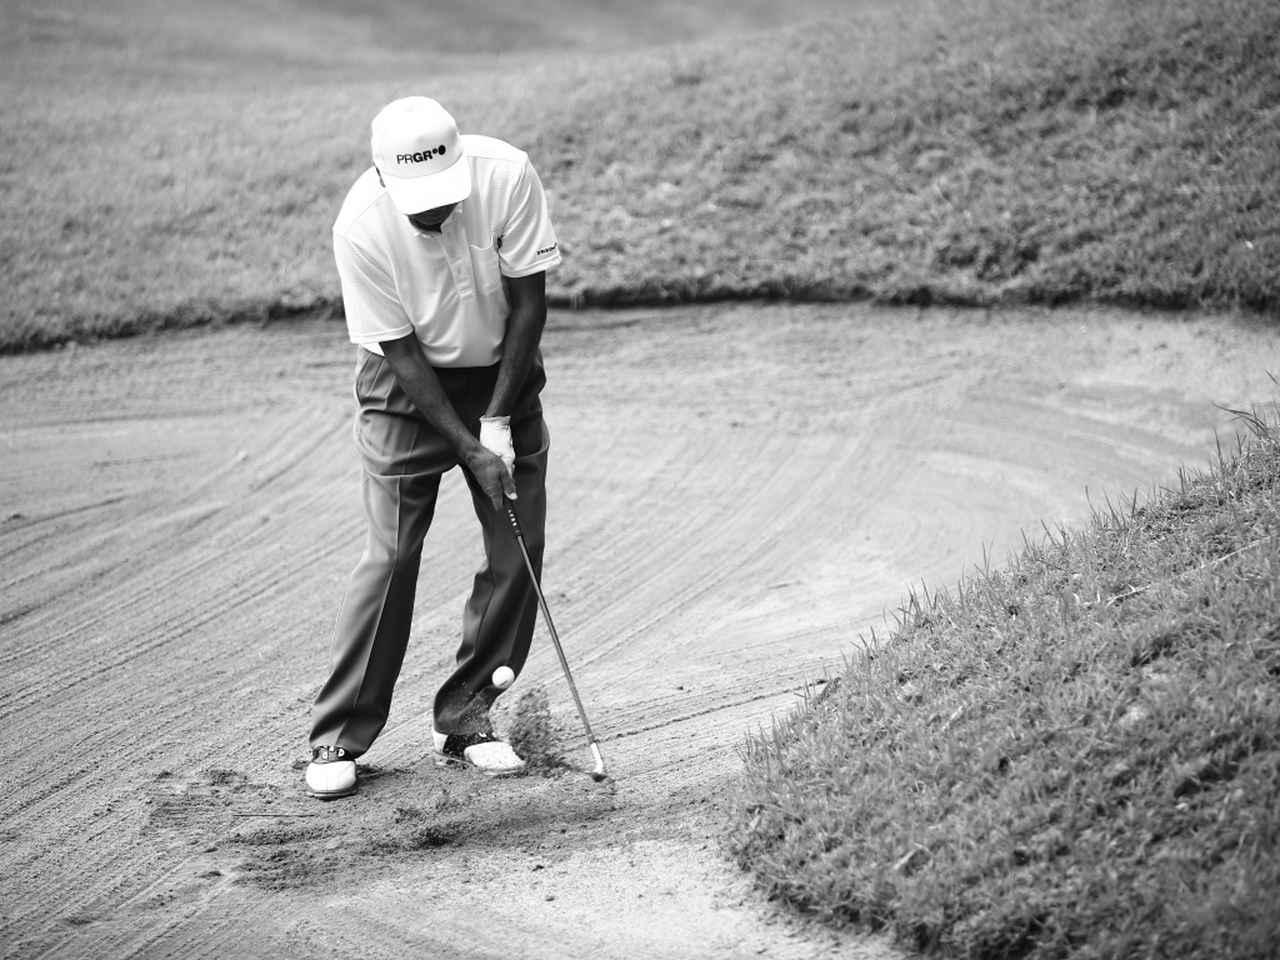 画像3: 【通勤GD】海老原清治&奥田靖己 もう一花のゴルフVol.4 とっておきの「1㍎バンカー」練習 ゴルフダイジェストWEB